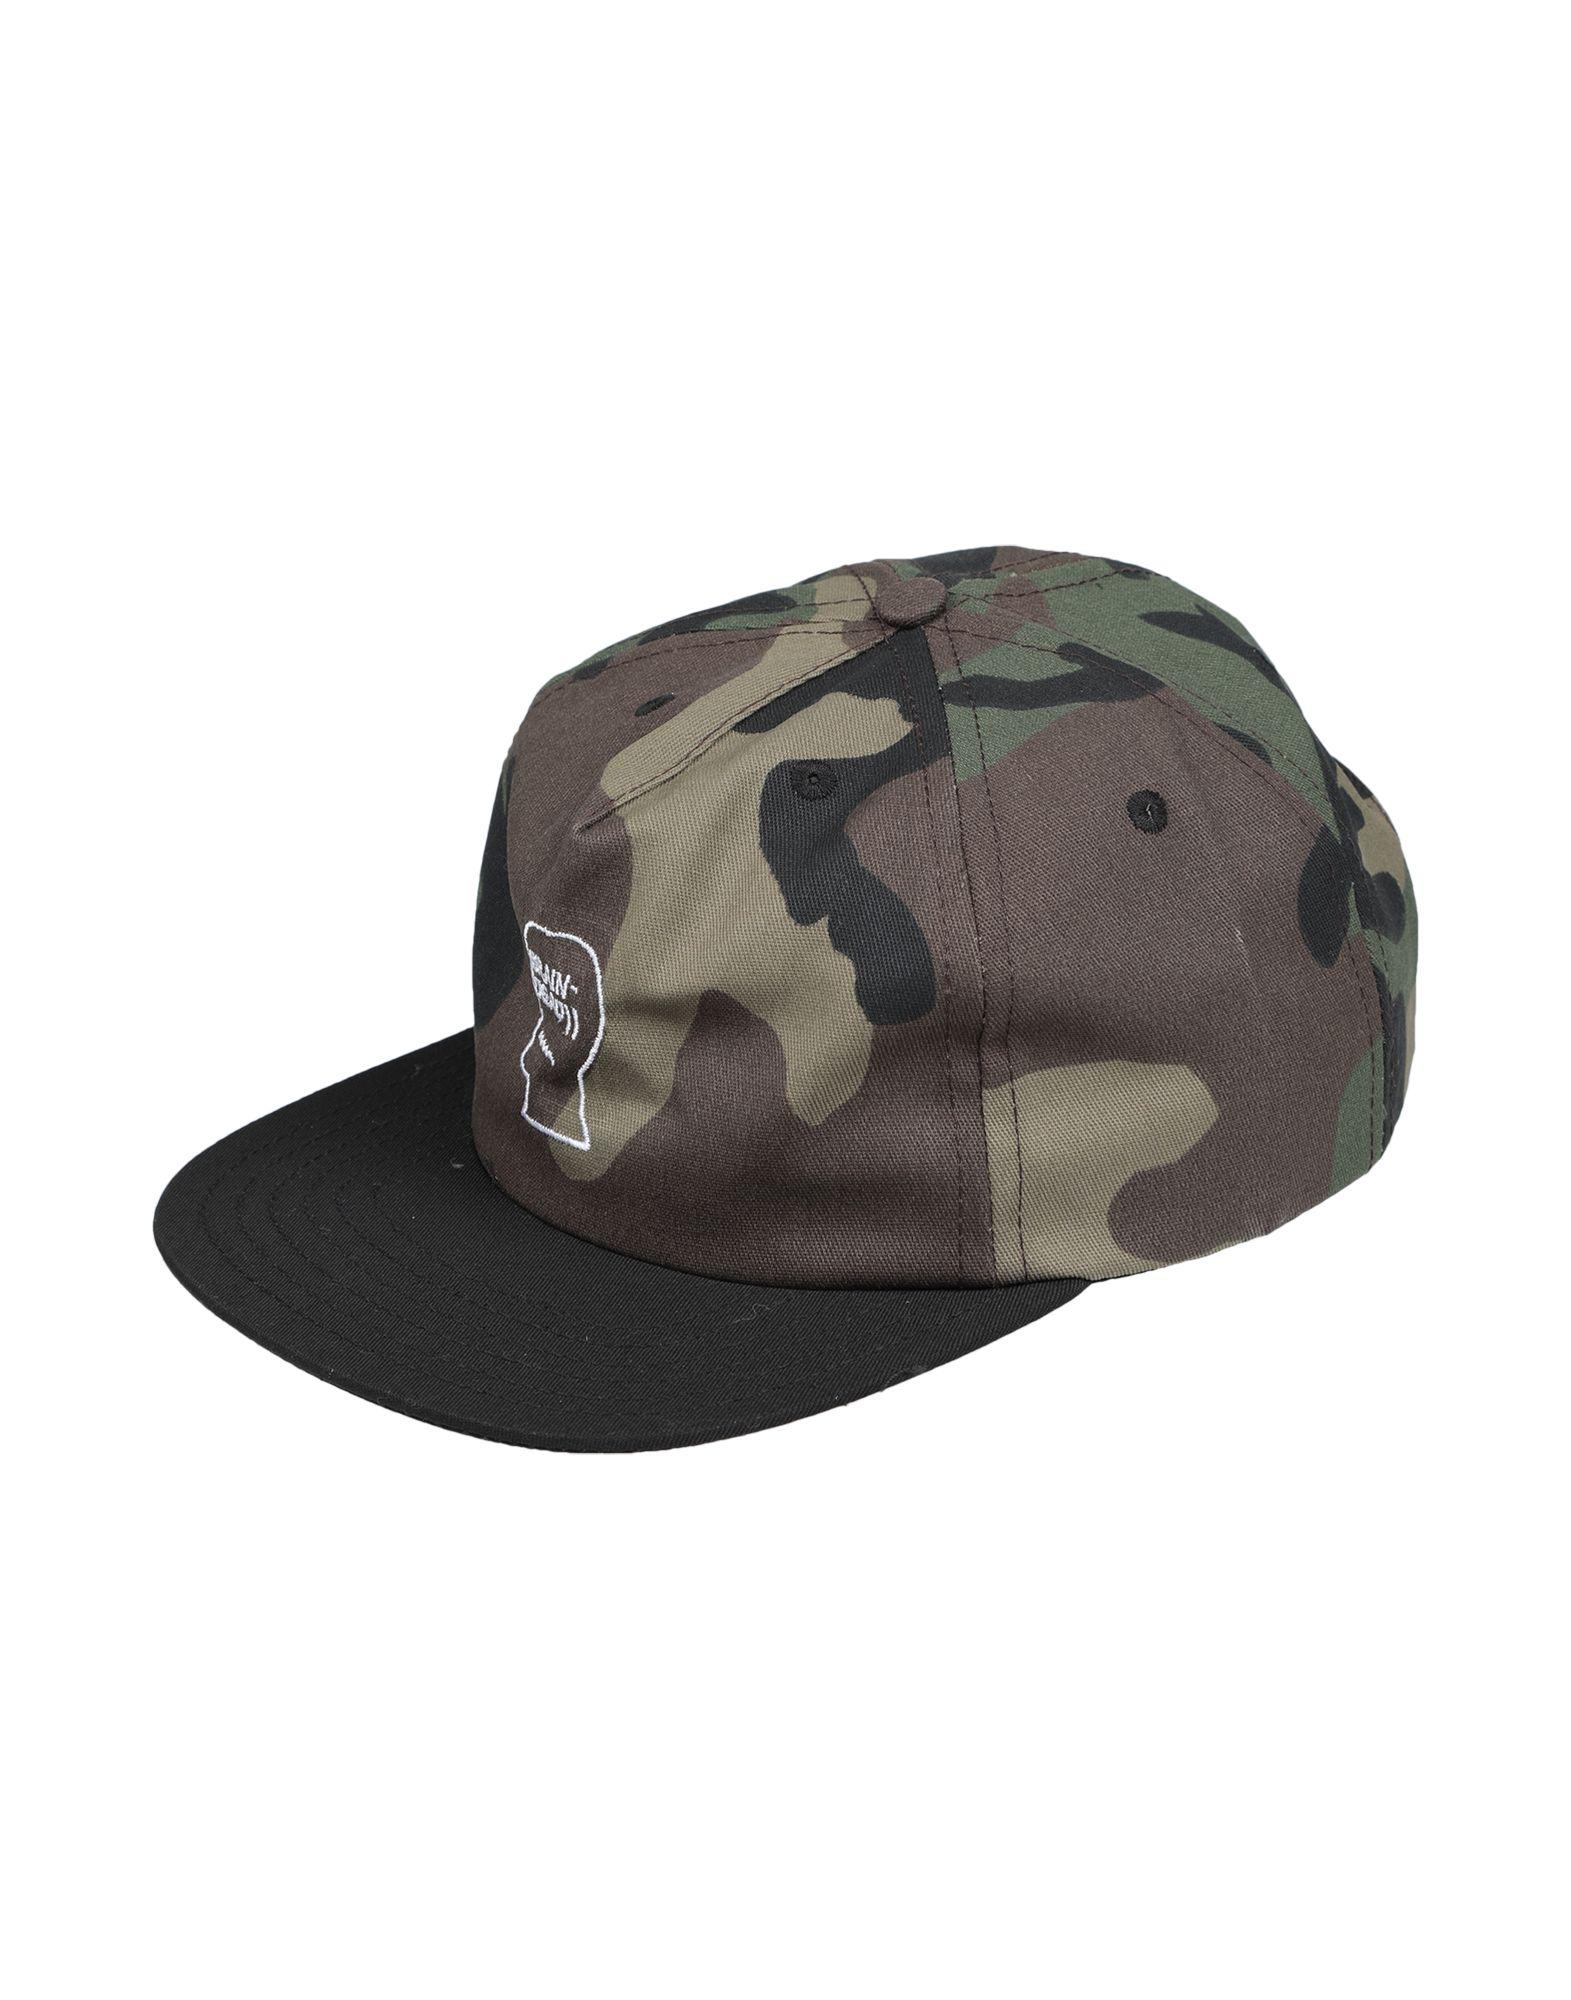 《送料無料》BRAIN DEAD メンズ 帽子 ミリタリーグリーン one size コットン 100%